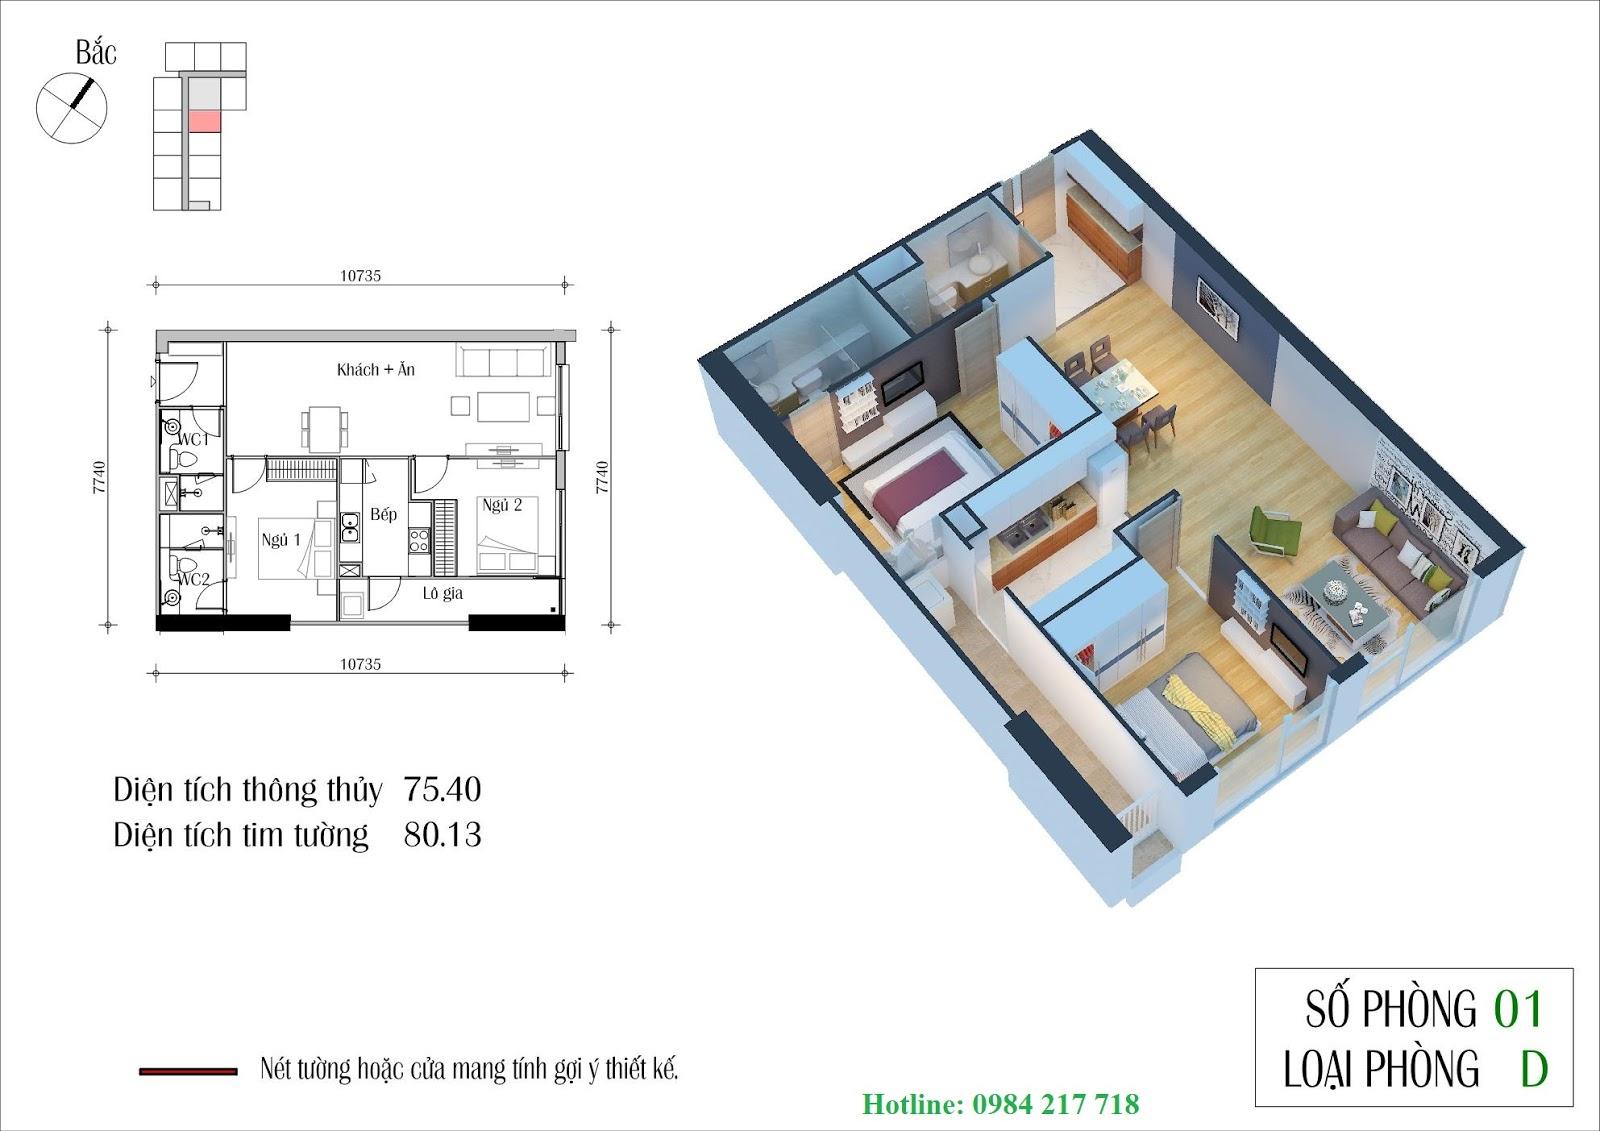 SƠ ĐỒ MẶT BẰNG THIẾT KẾ Căn hộ 1001 tòa ct1 Chung cu Nguyen Xien